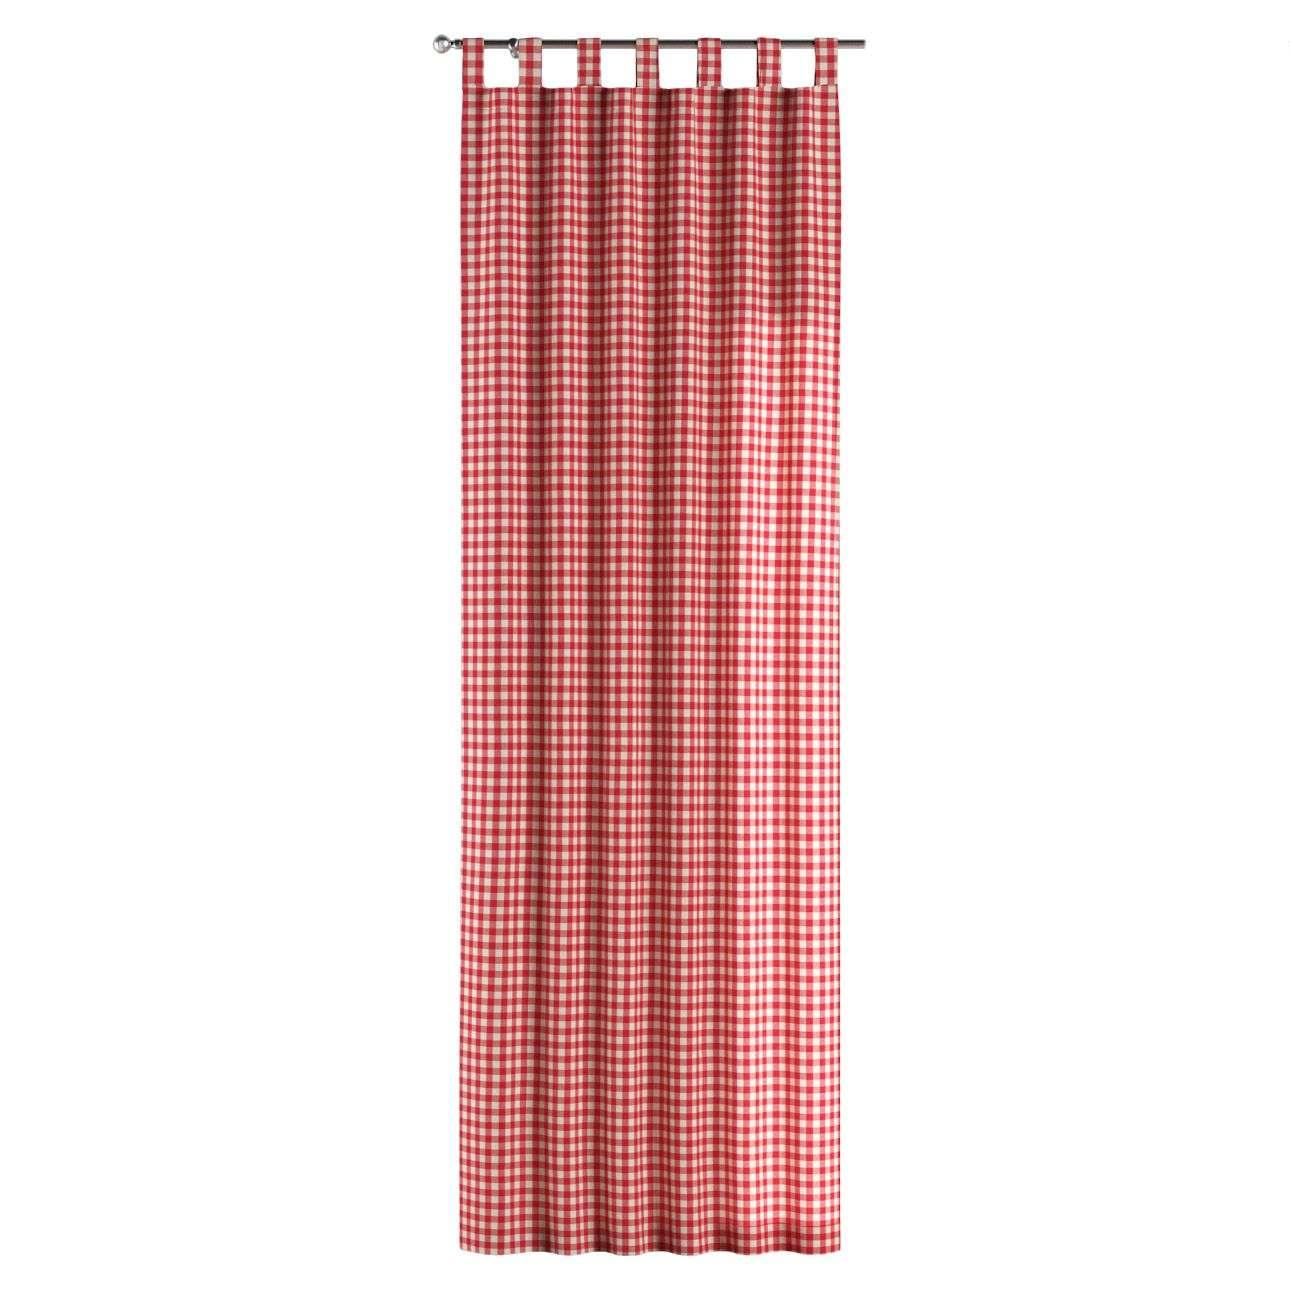 Kilpinio klostavimo užuolaidos 130 x 260 cm (plotis x ilgis) kolekcijoje Quadro, audinys: 136-16